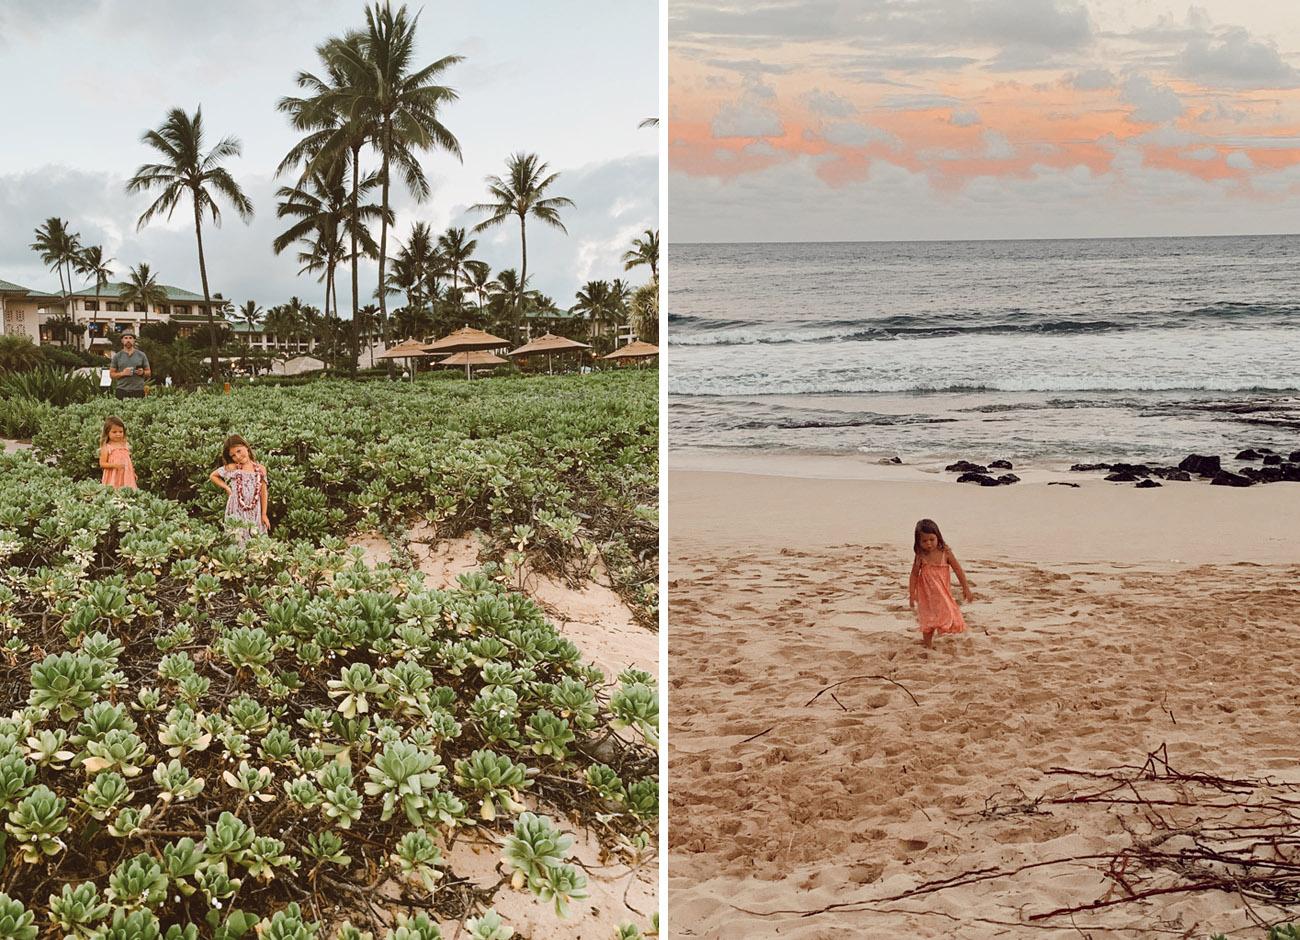 The beach at the Grand Hyatt Resort & Spa in Kauai